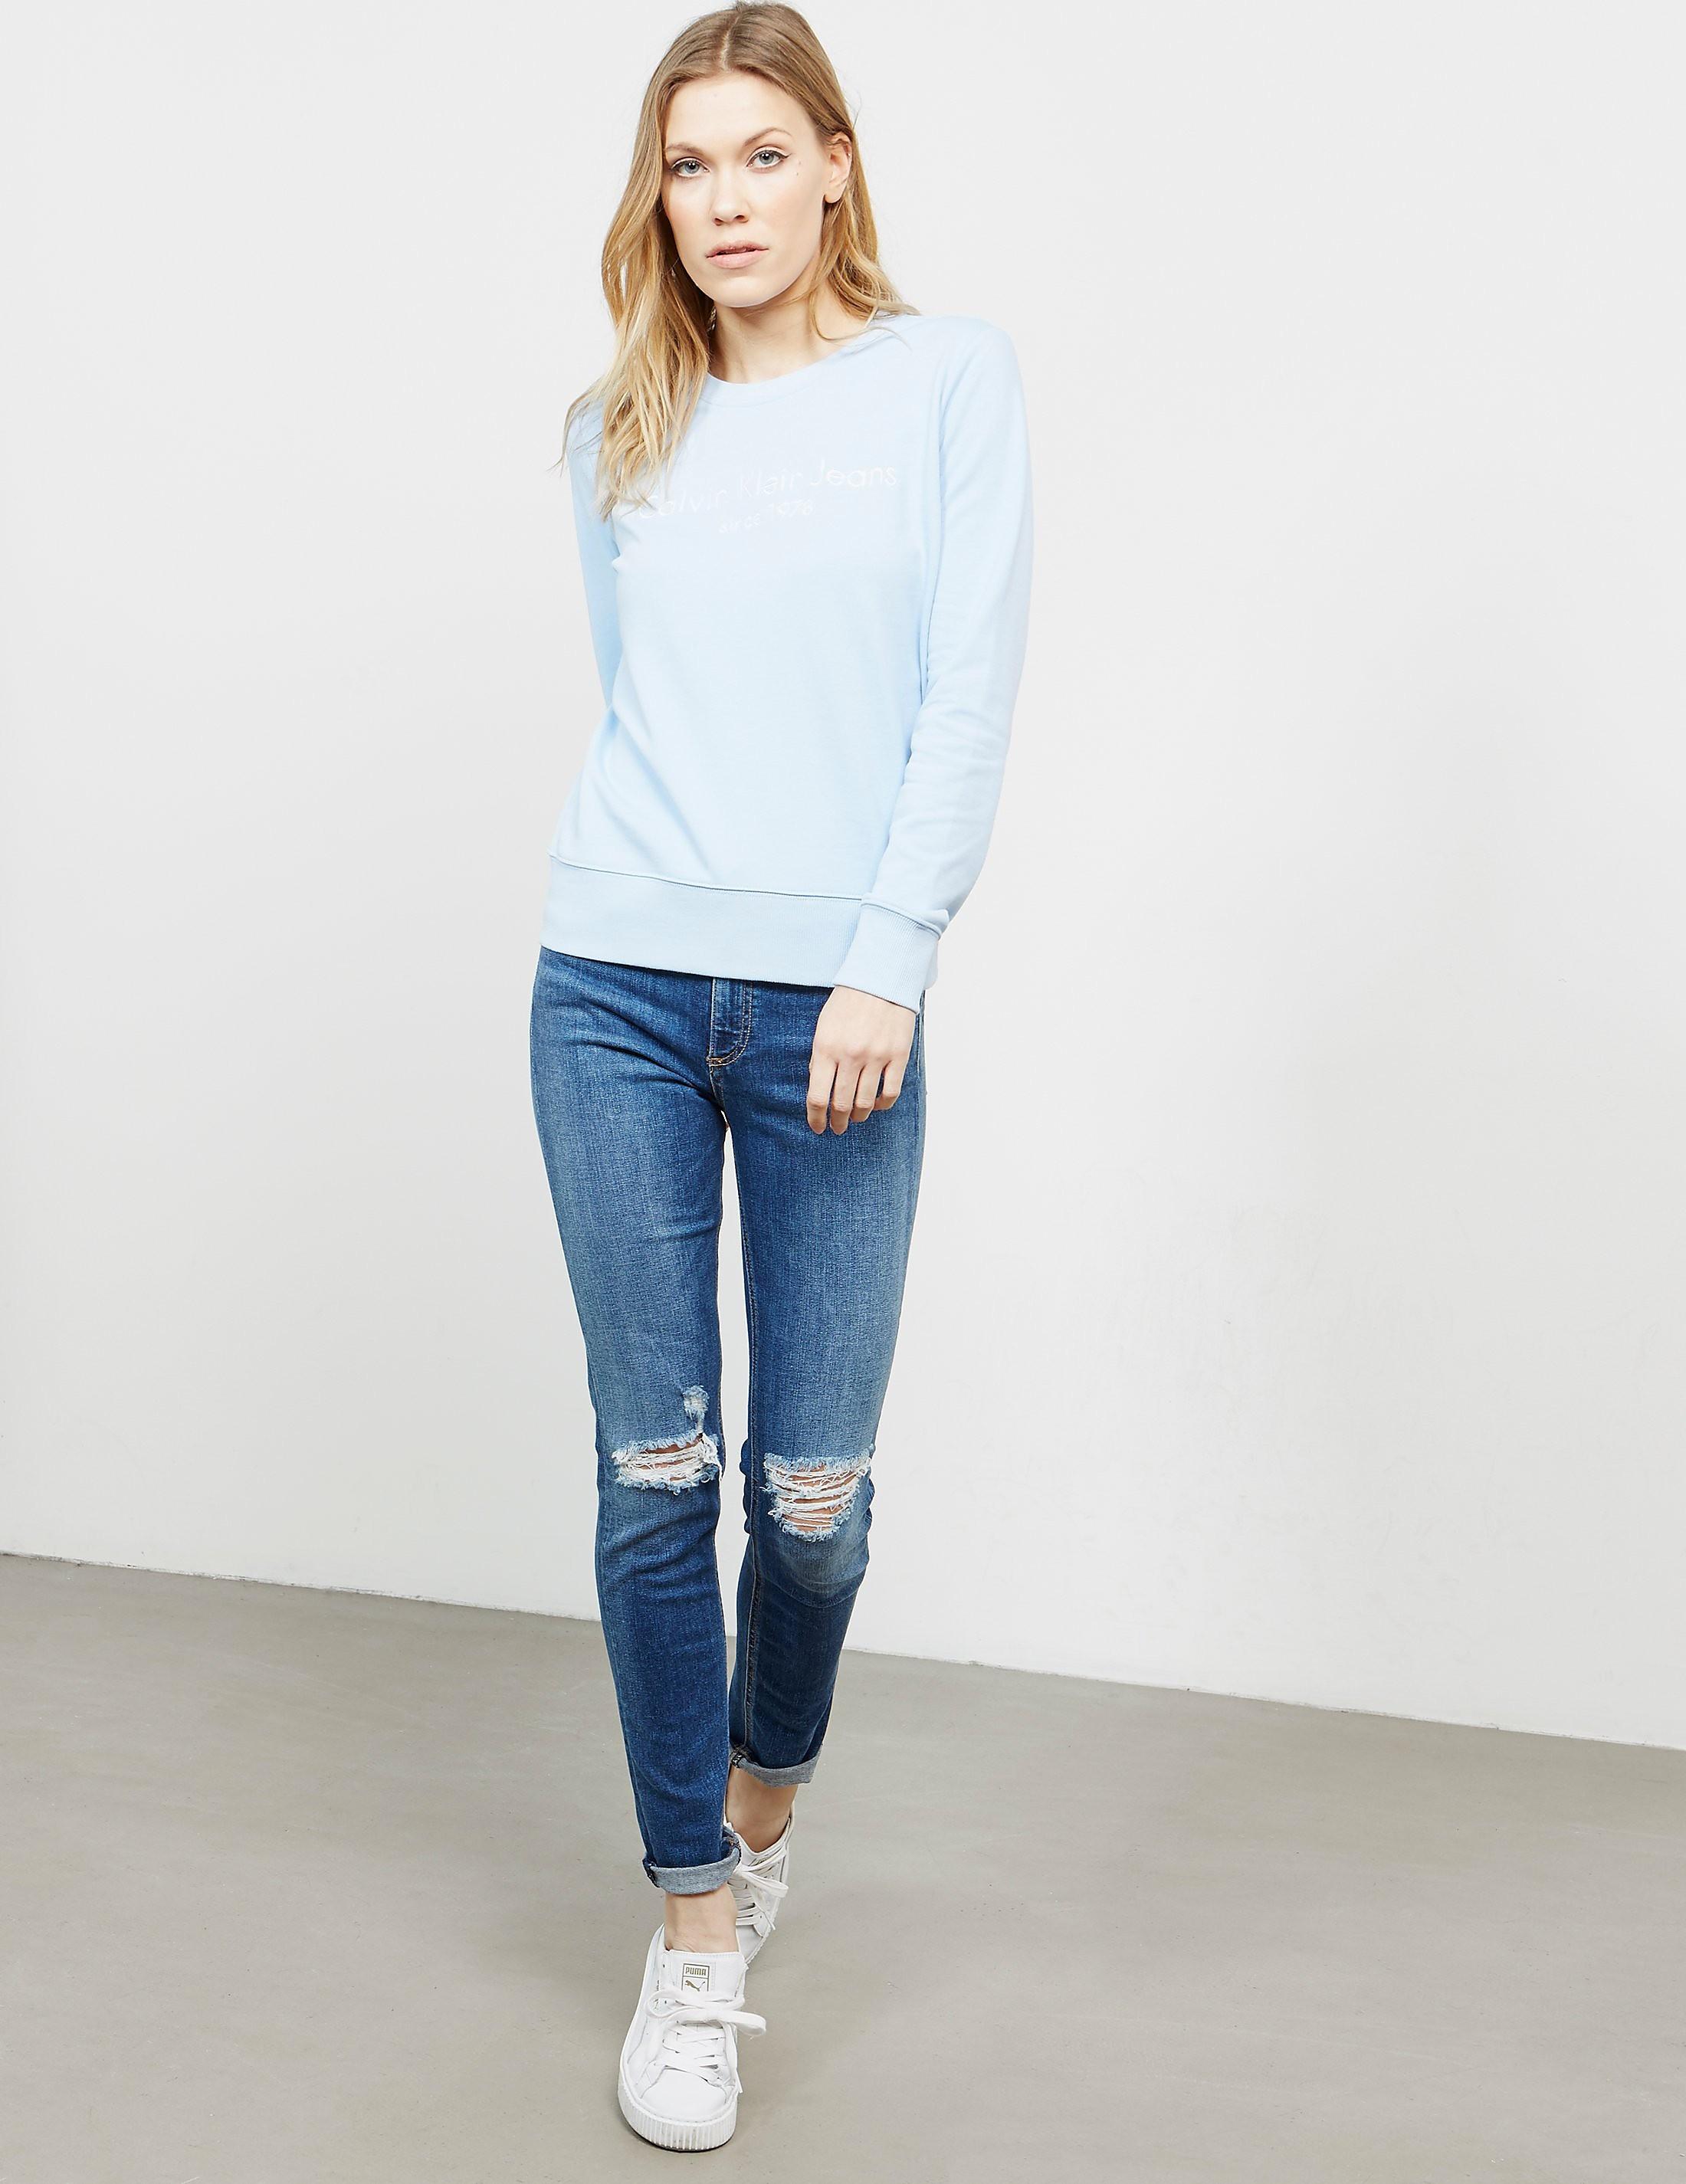 Calvin Klein Halia Crew Sweatshirt - Online Exclusive